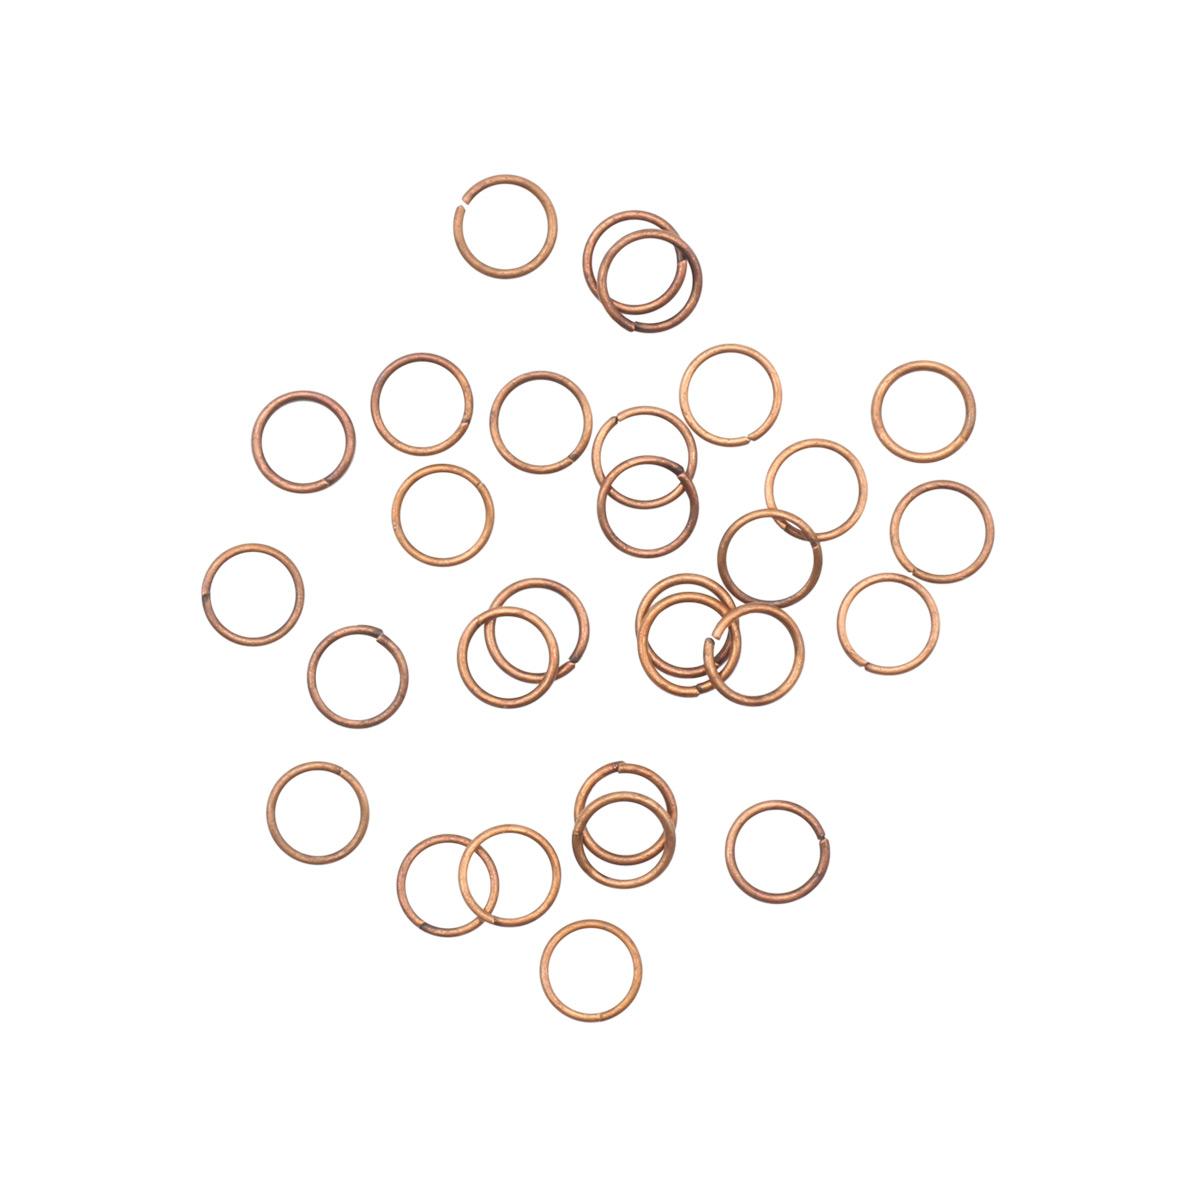 OTH1510 Кольцо соединительное , 0,8*7мм, 30шт/уп